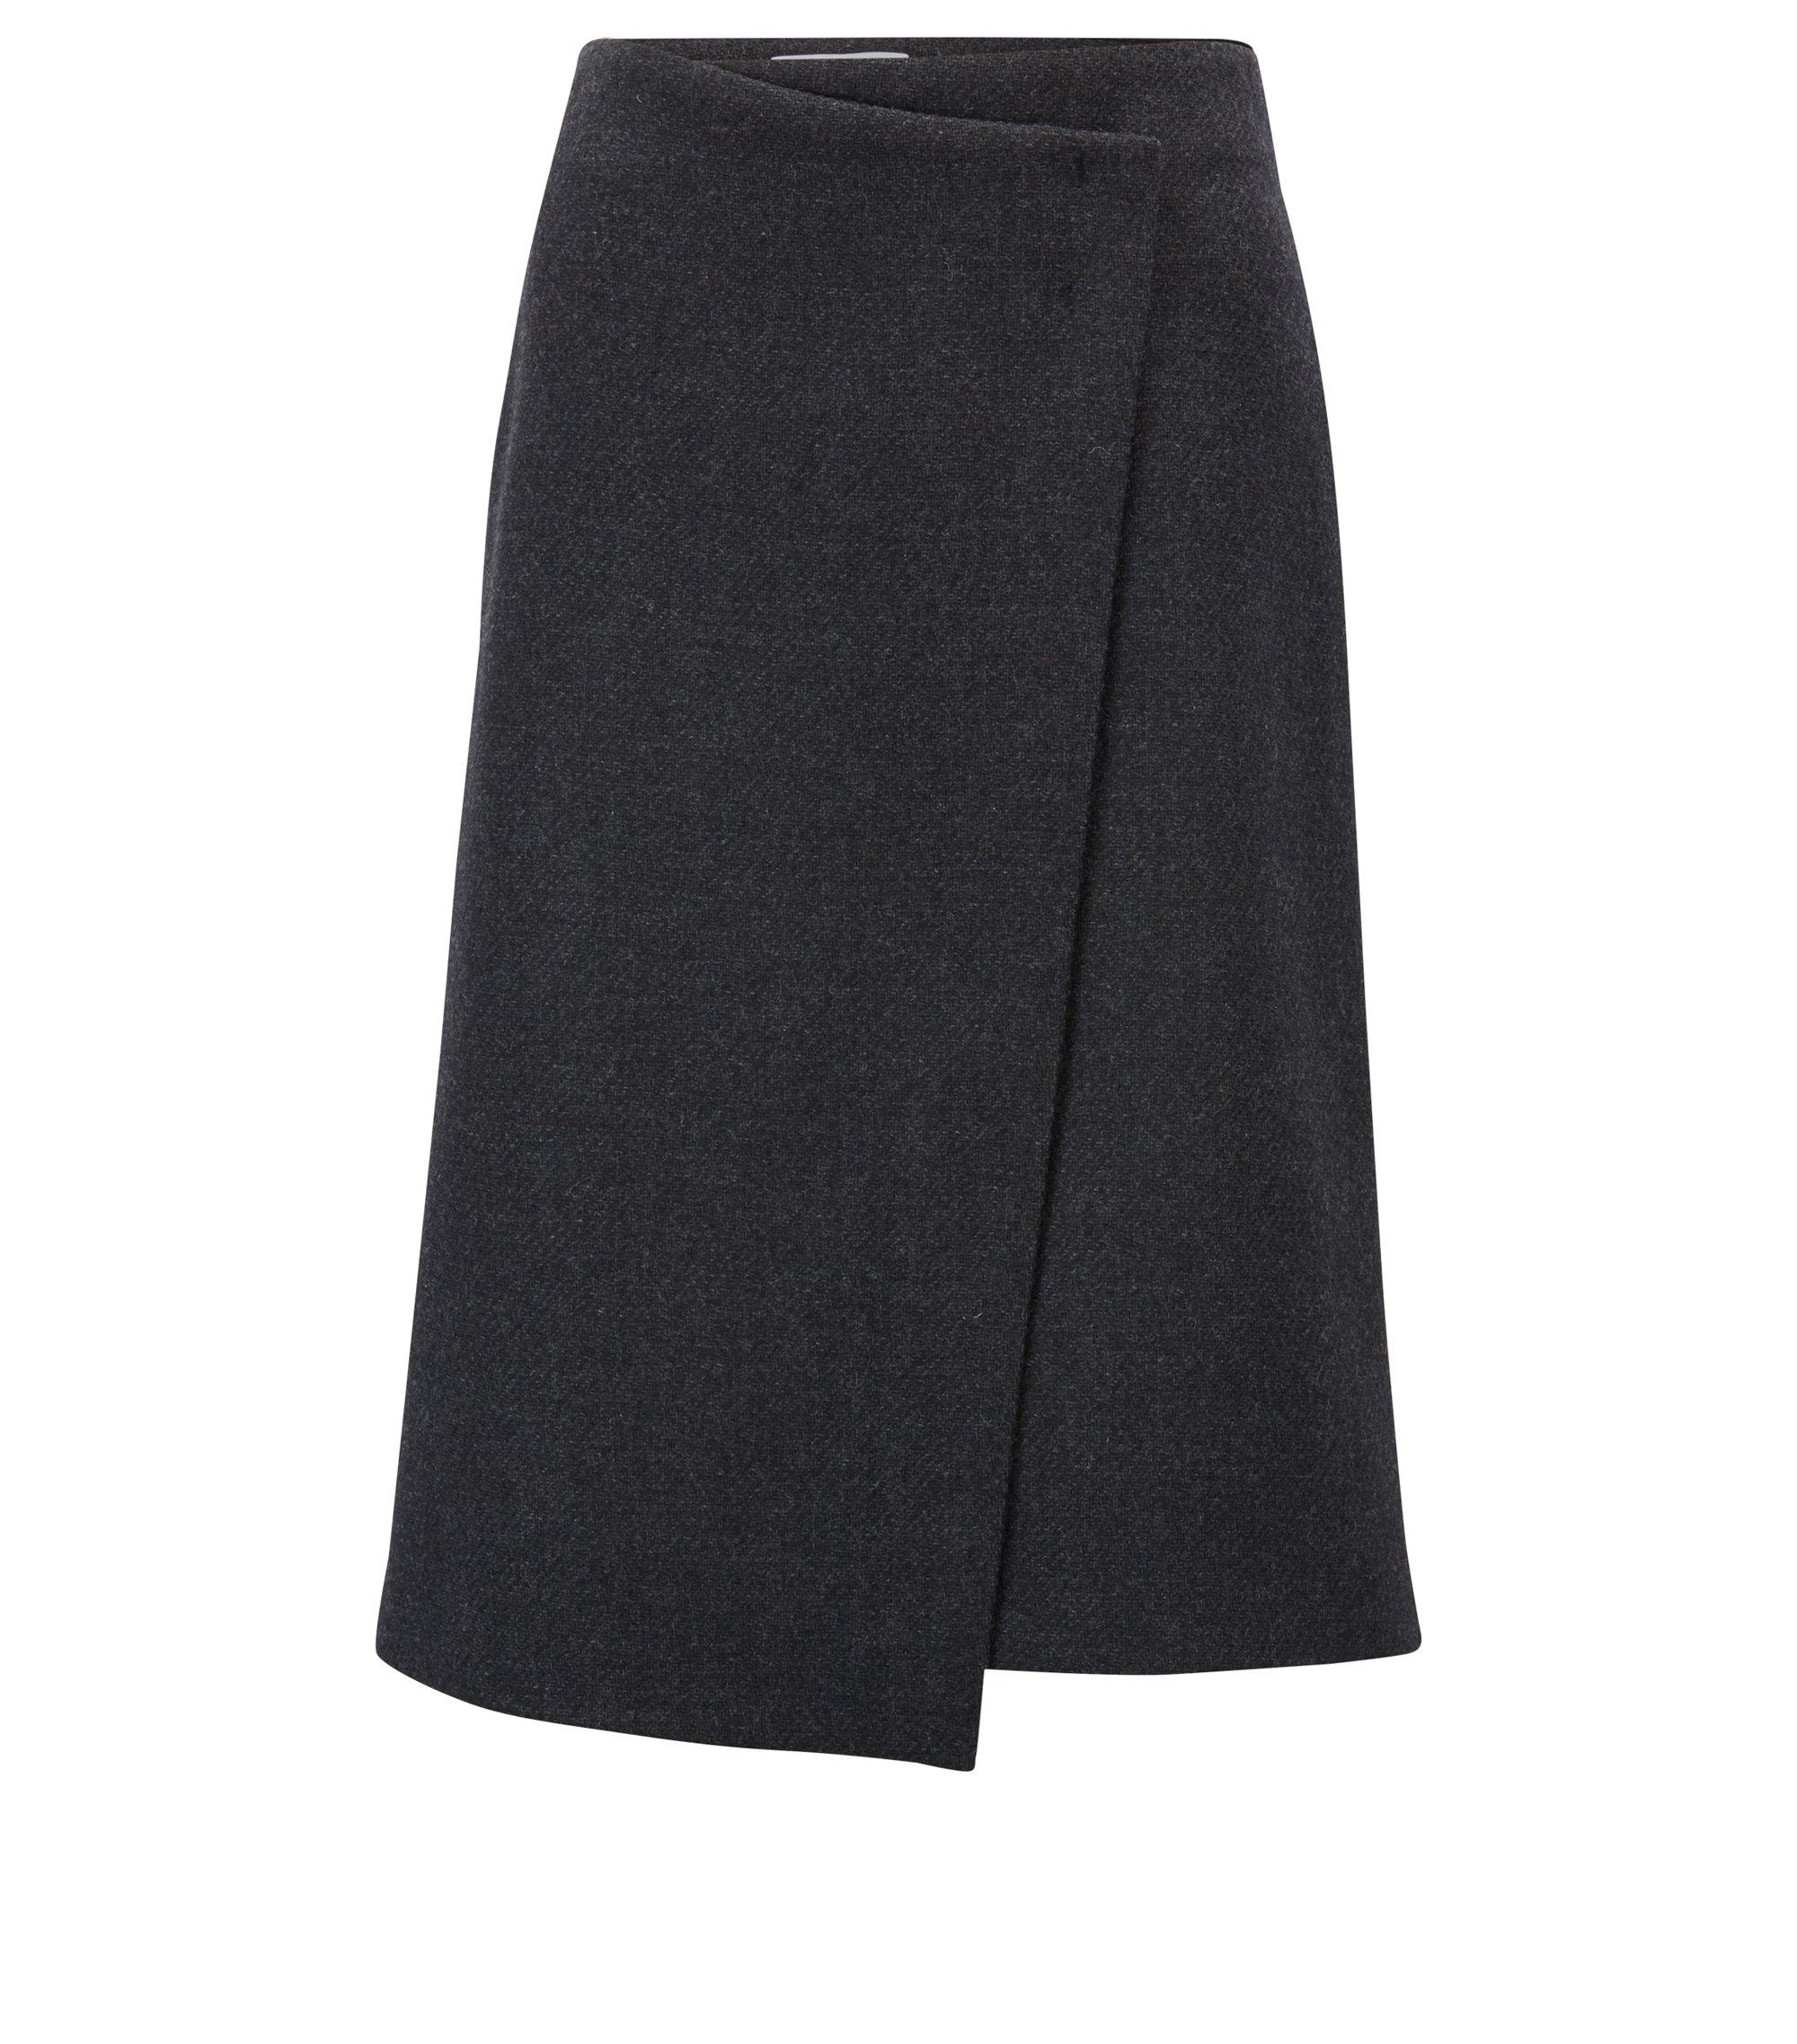 Jupe portefeuille en laine mélangée italienne rehaussée de surpiqûres, Noir